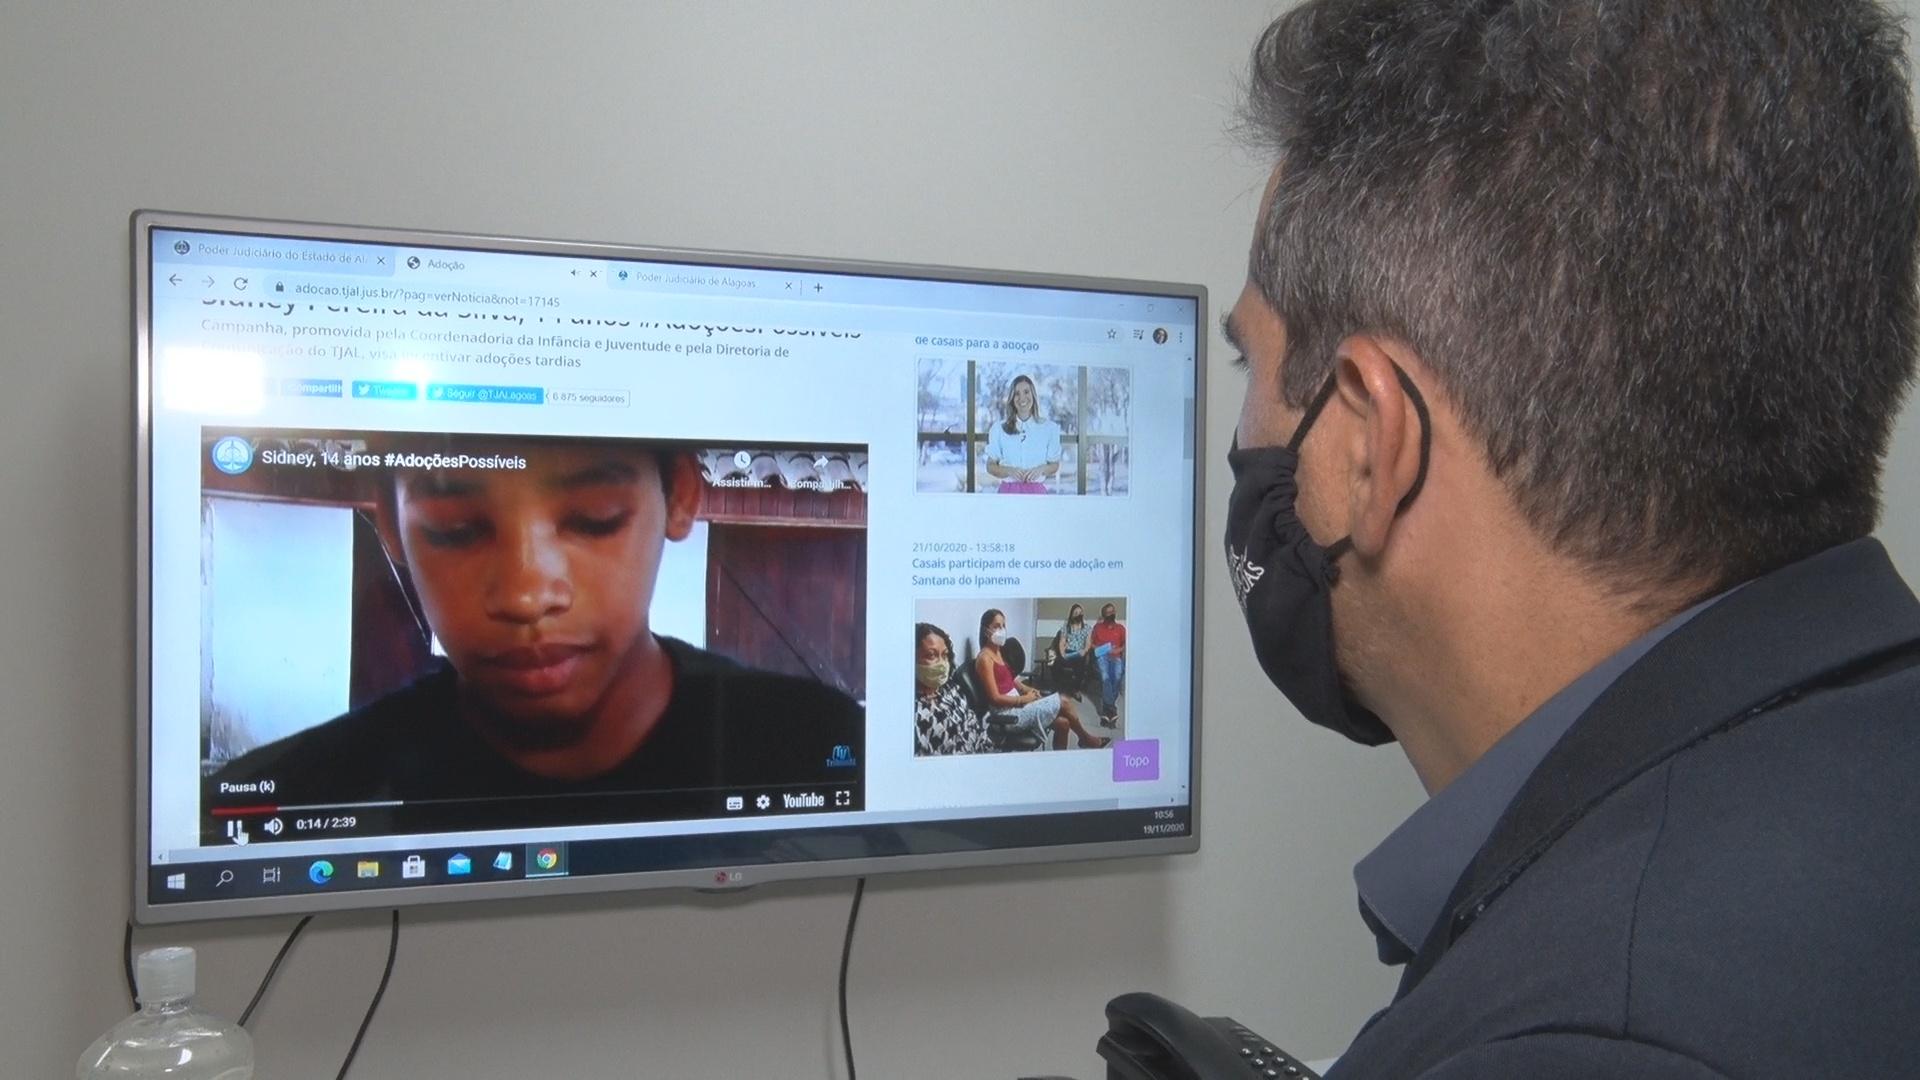 Projeto 'Adoções Possíveis' promove adoção de adolescentes